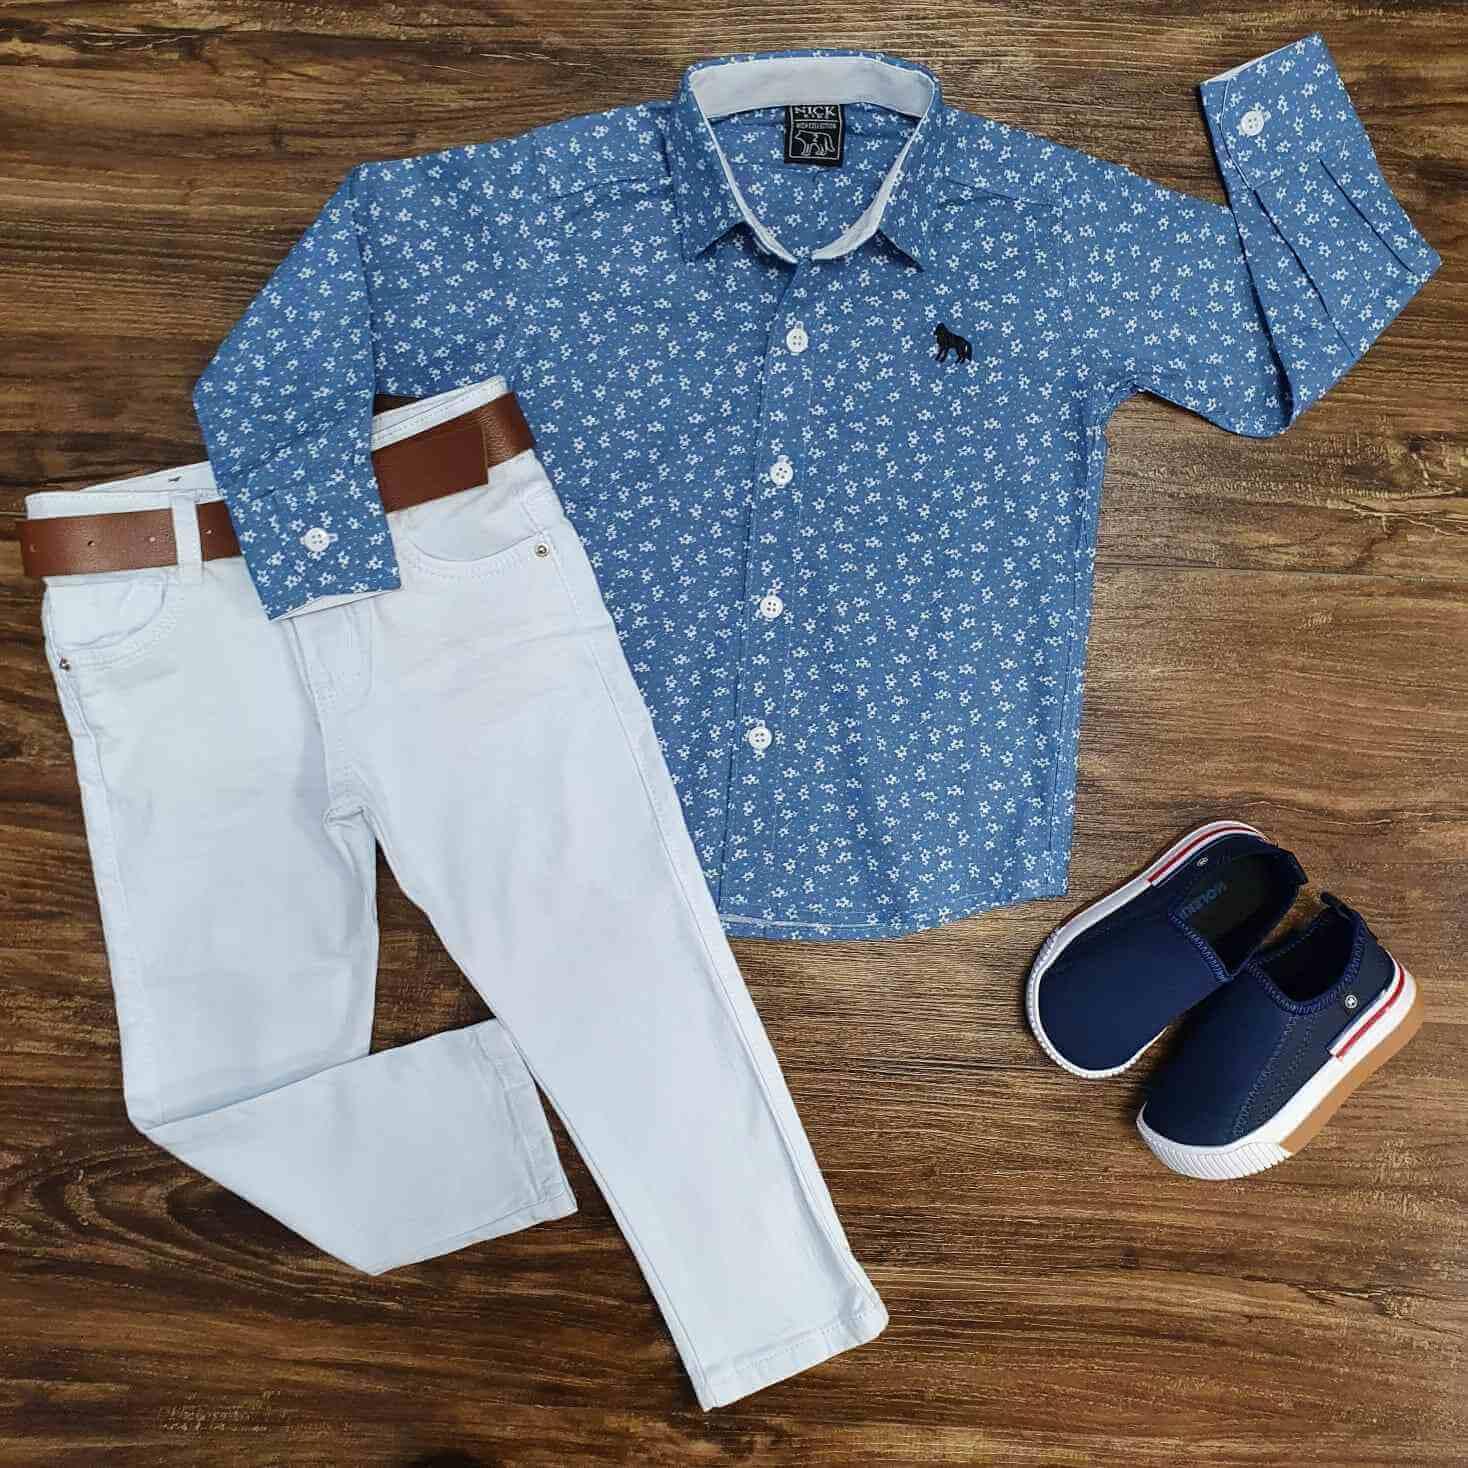 Camisa Social Azul e Branca com Calça Jeans Branca Infantil